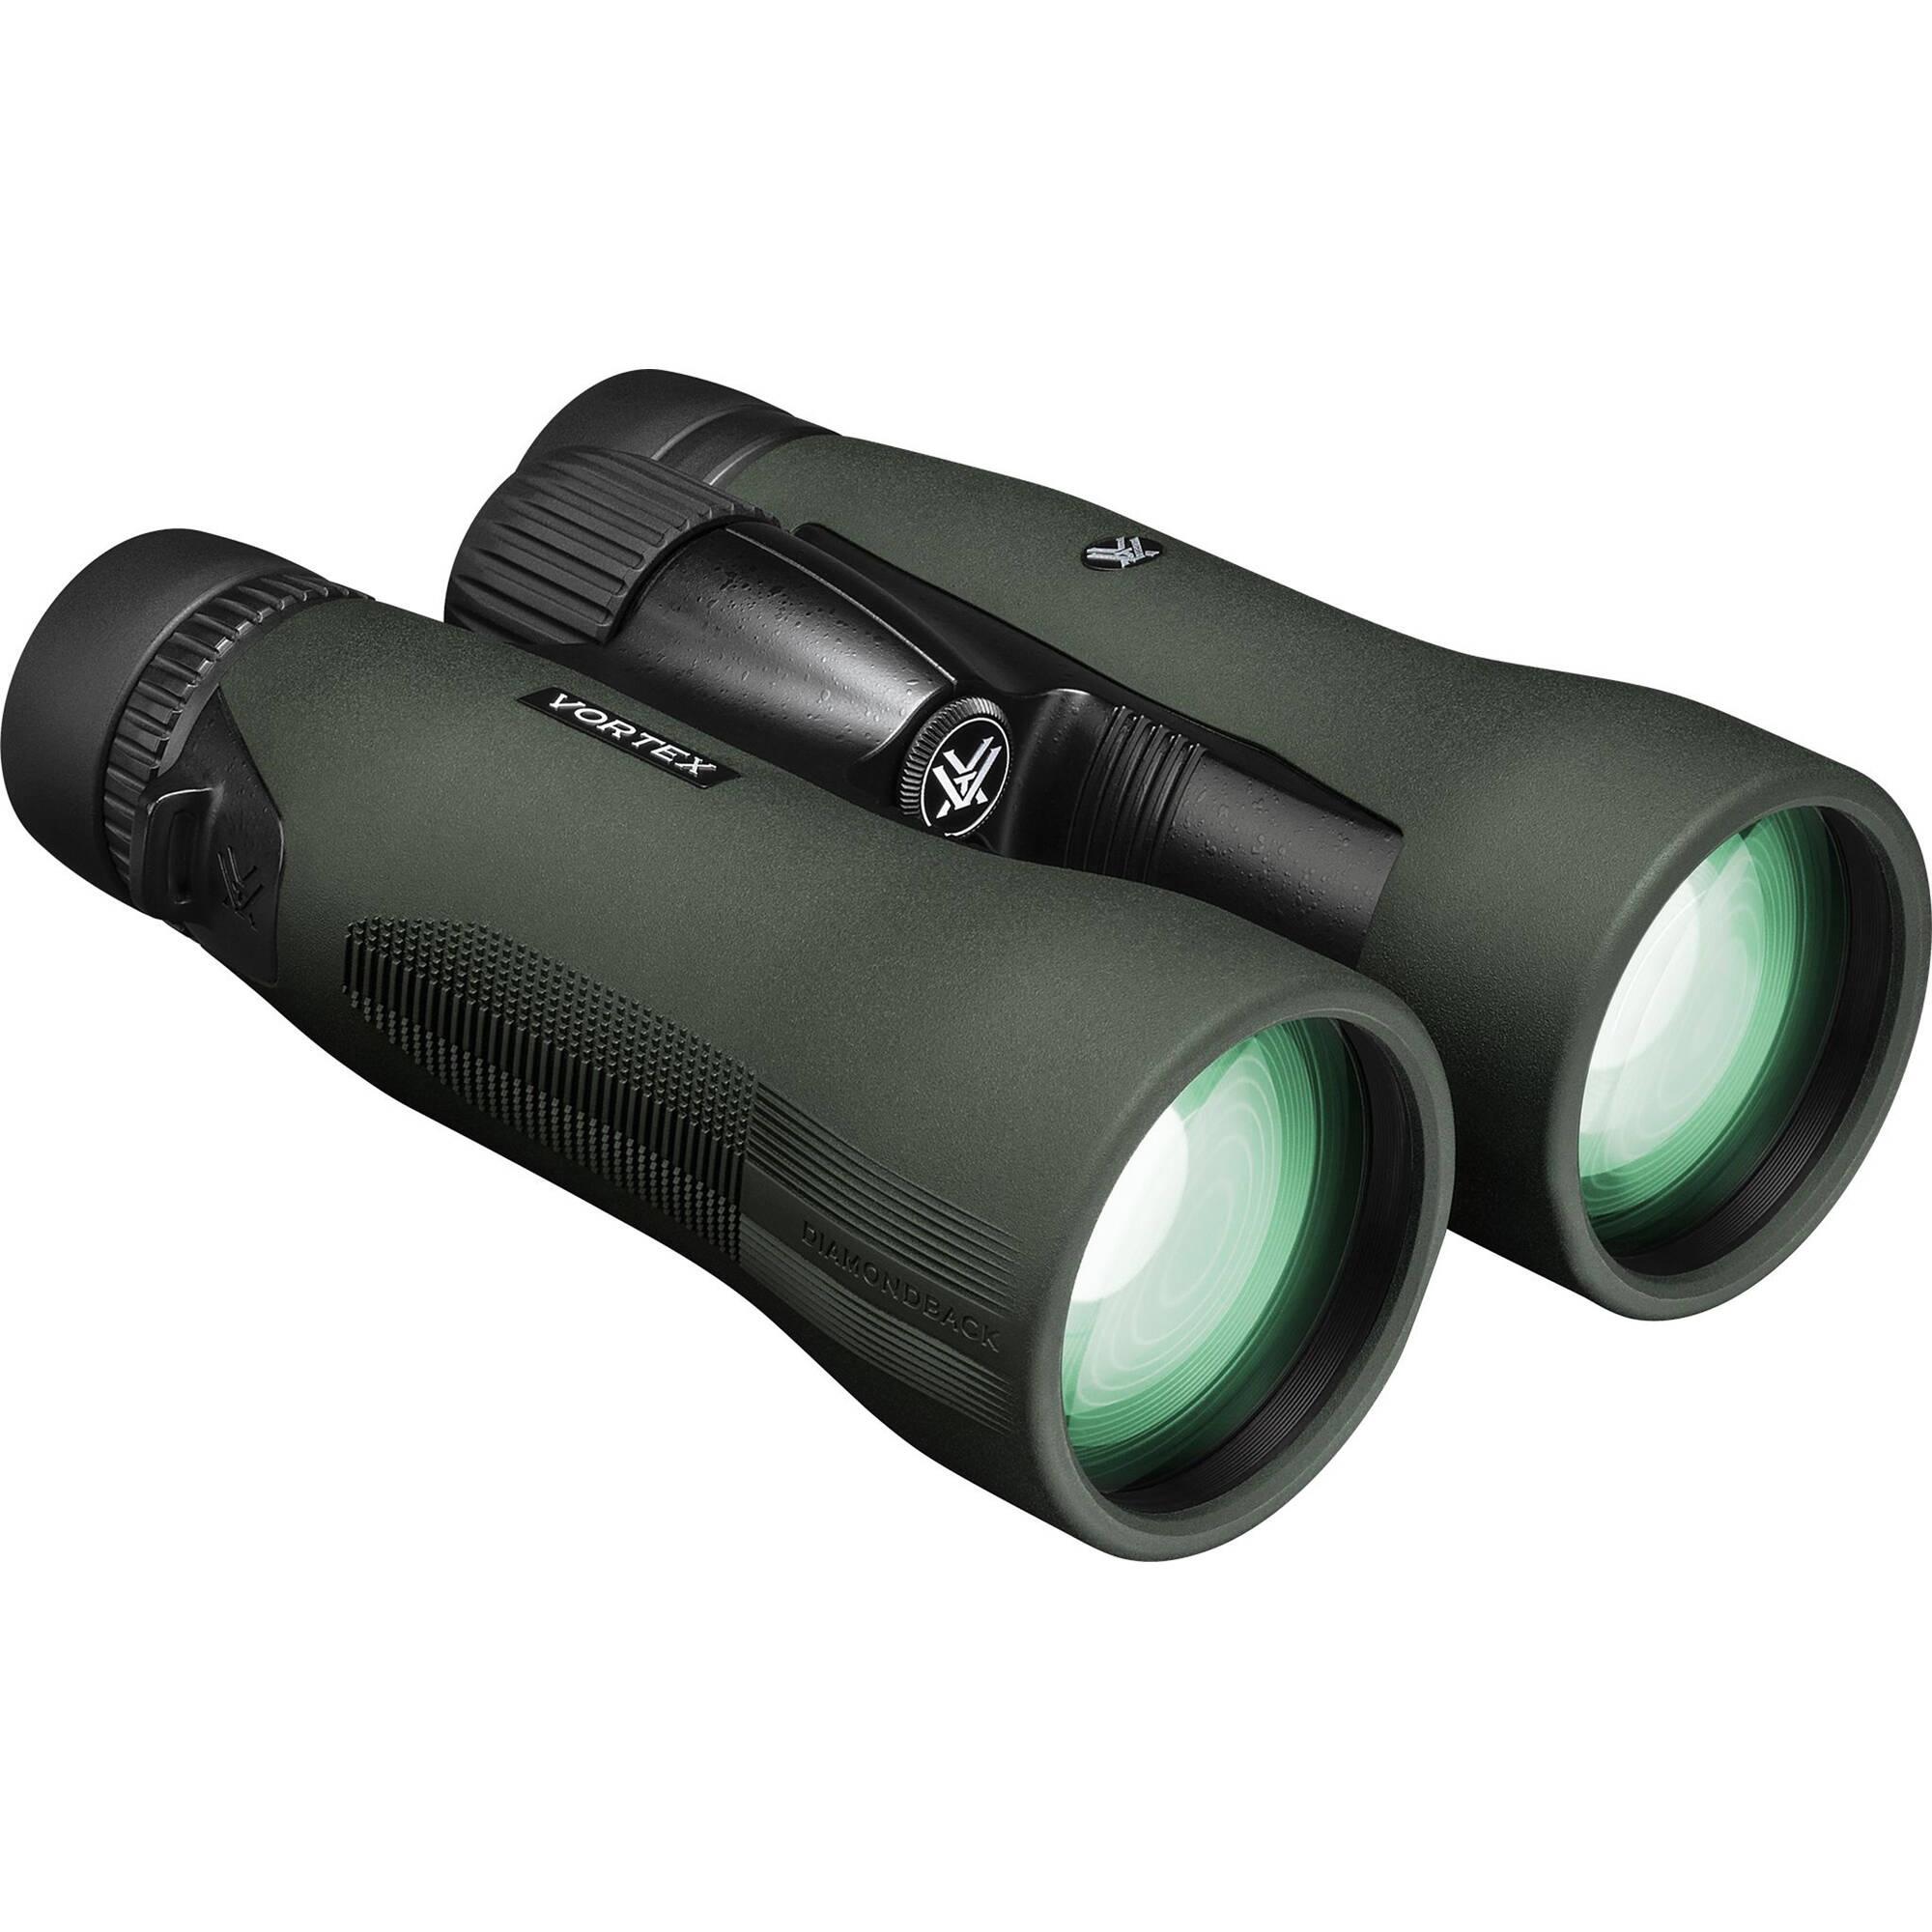 Vortex 15x56 Diamondback HD Binocular